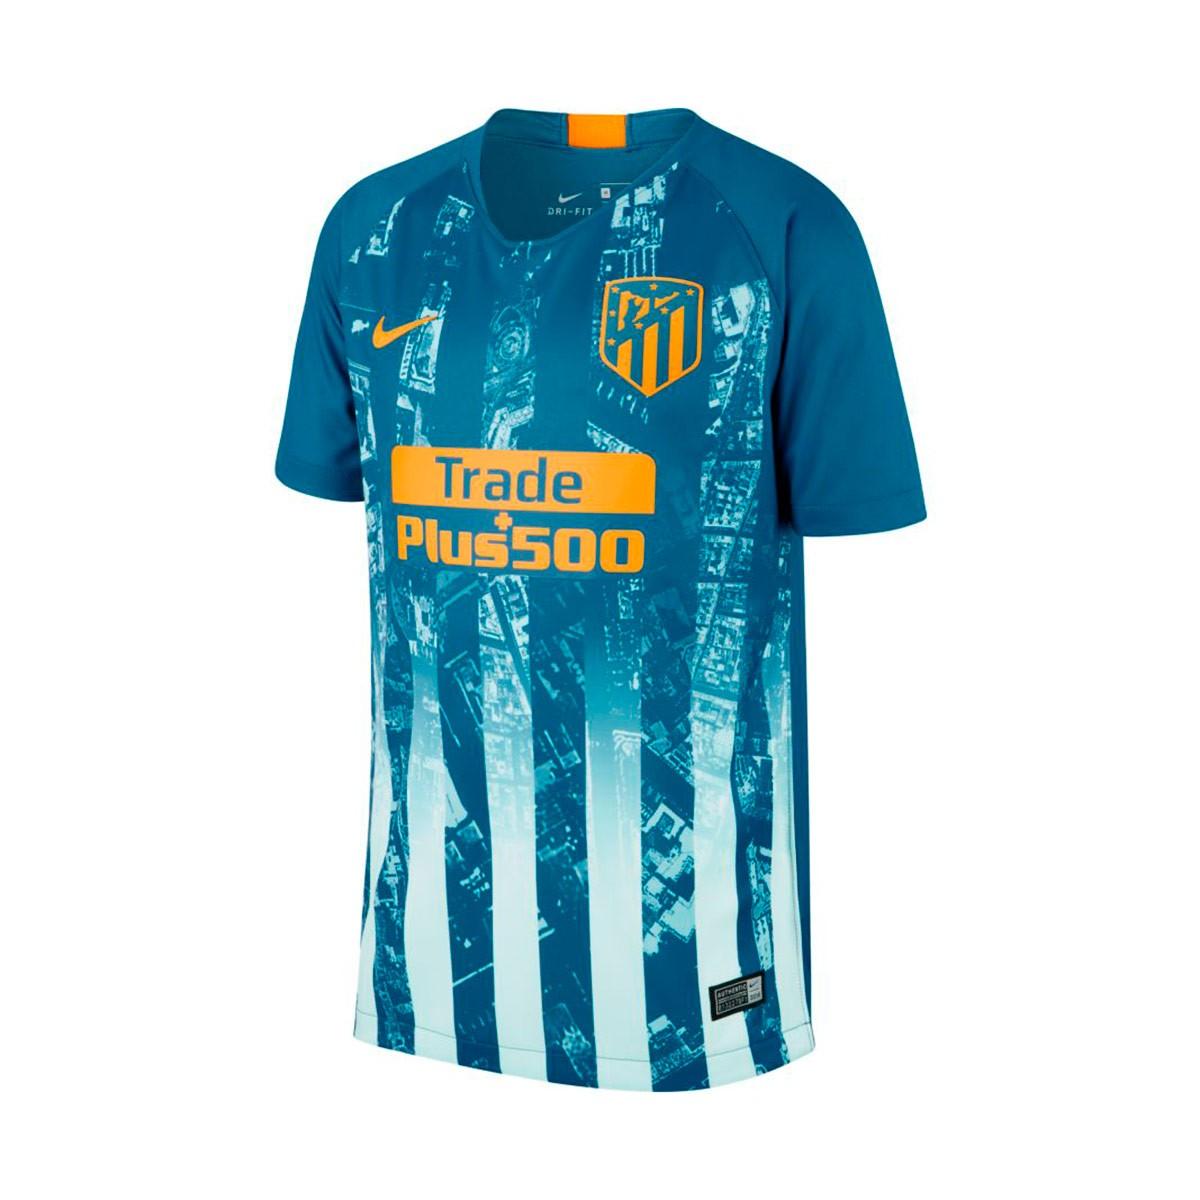 dac37dec5eb8c Camiseta Nike Atletico de Madrid Stadium Tercera Equipación 2018-2019 Niño  Green abyss-Orange peel - Tienda de fútbol Fútbol Emotion